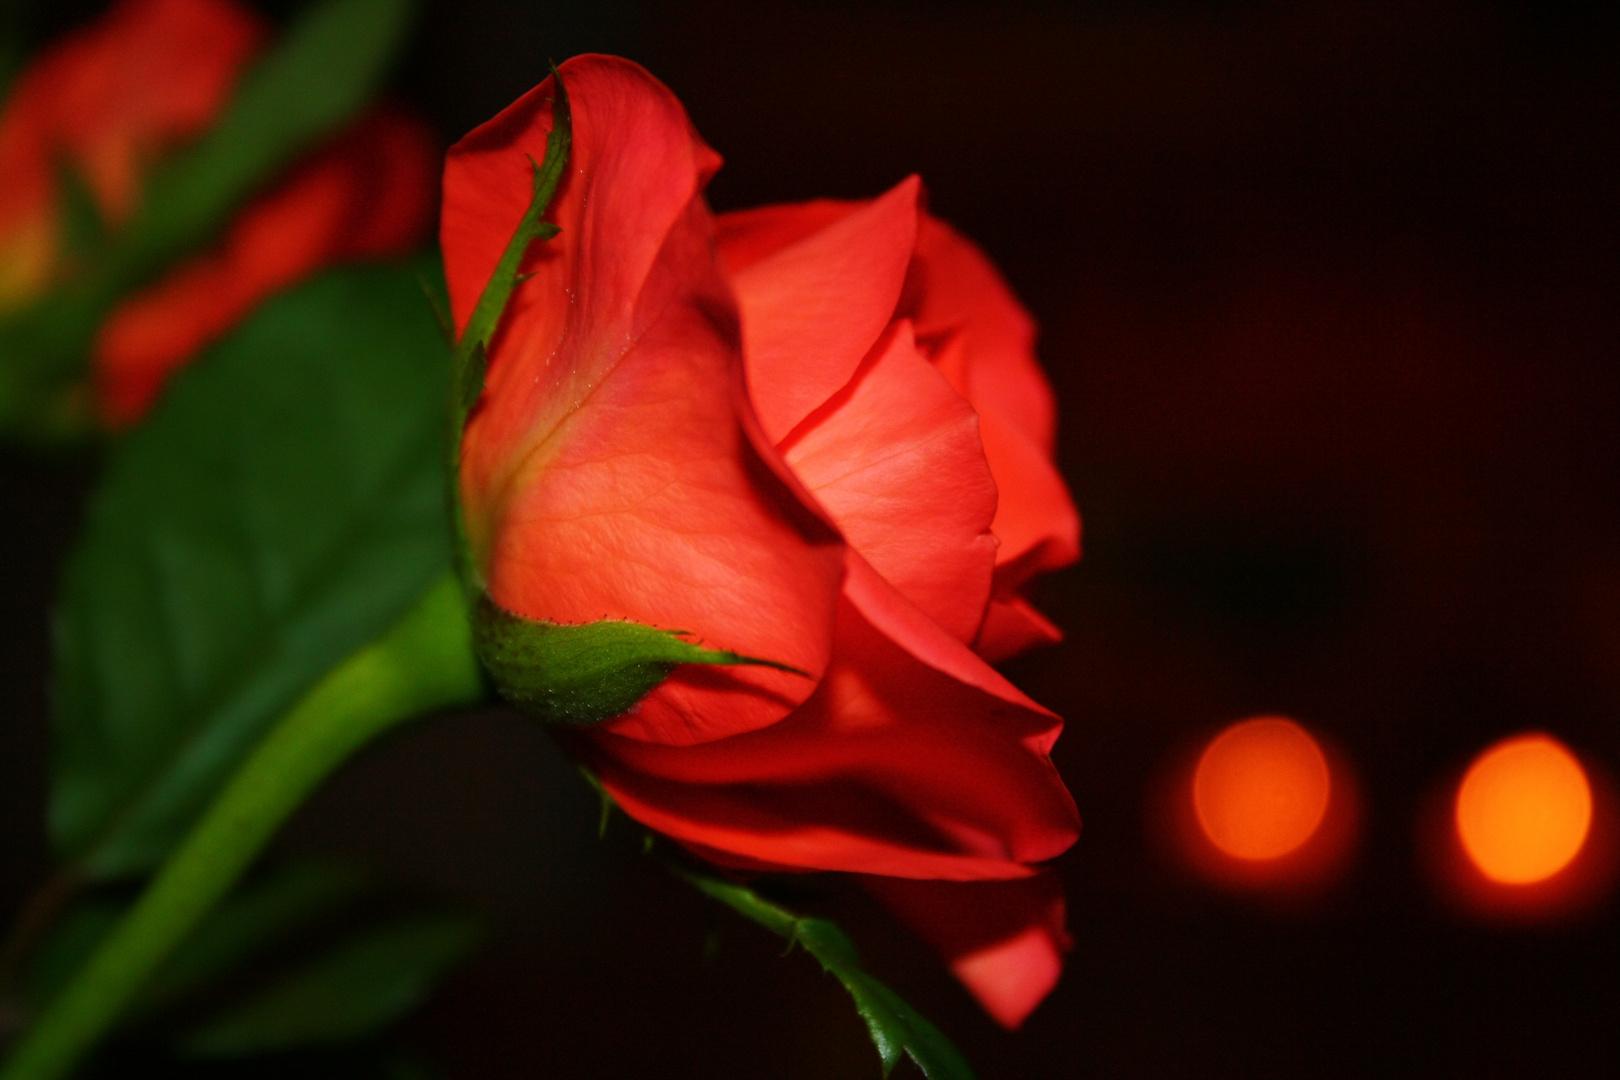 eine rose zum geburtstag foto bild pflanzen pilze flechten natur bilder auf fotocommunity. Black Bedroom Furniture Sets. Home Design Ideas